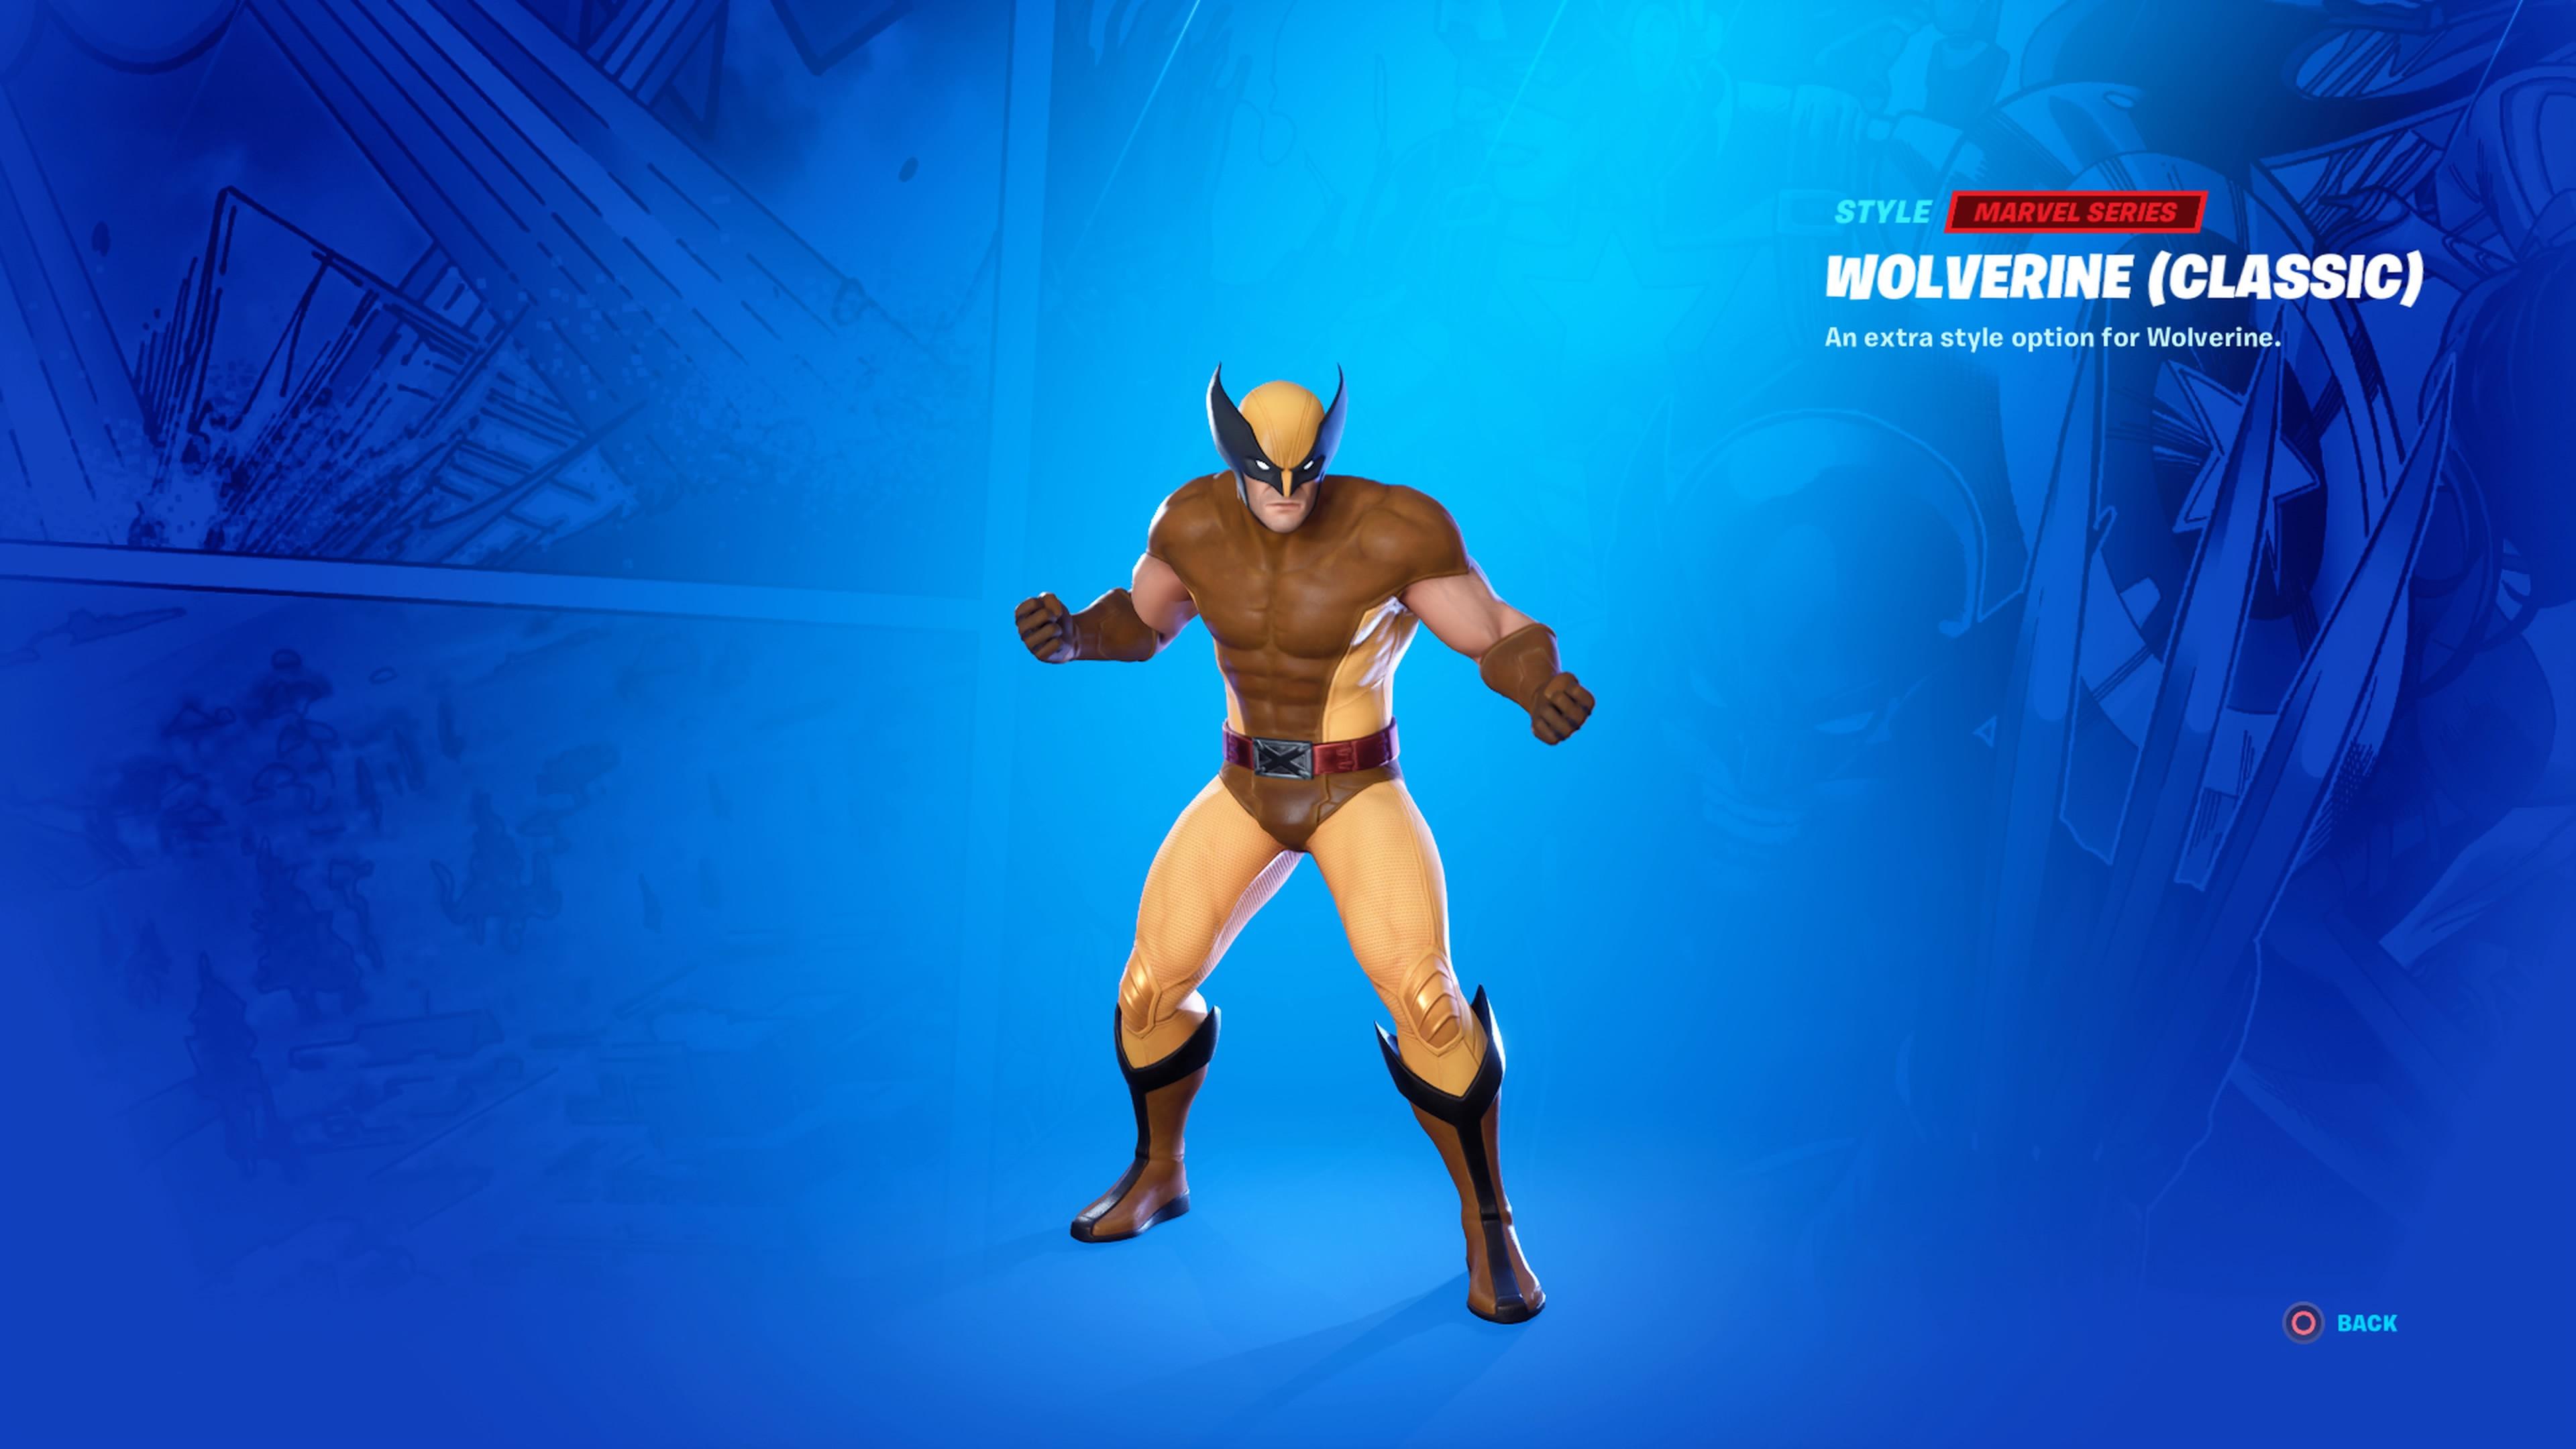 Artstation Fortnite Wolverine Skin Both Variants Justin Holt